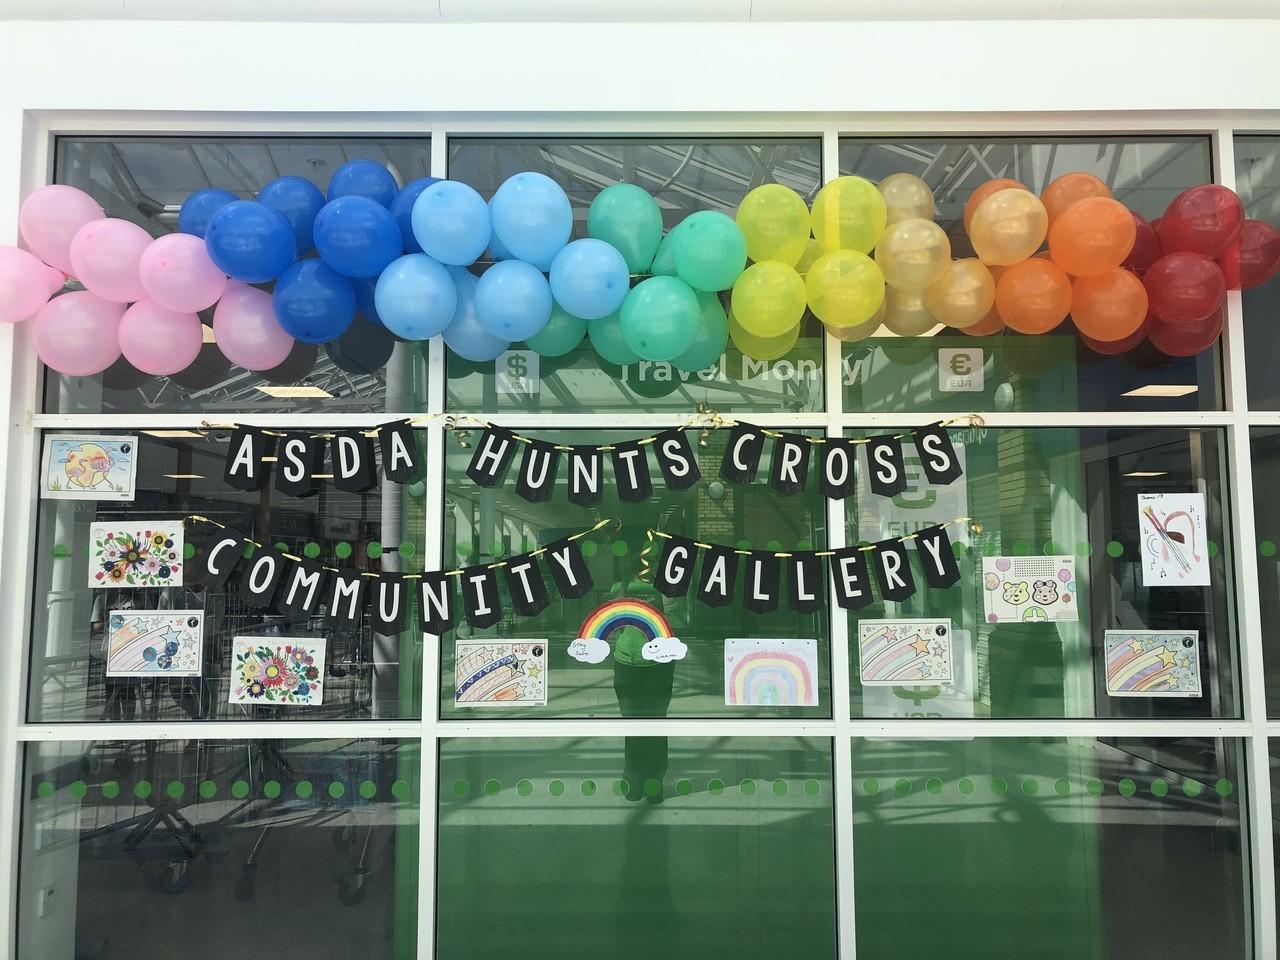 Hunts Cross Community Gallery | Asda Hunts Cross